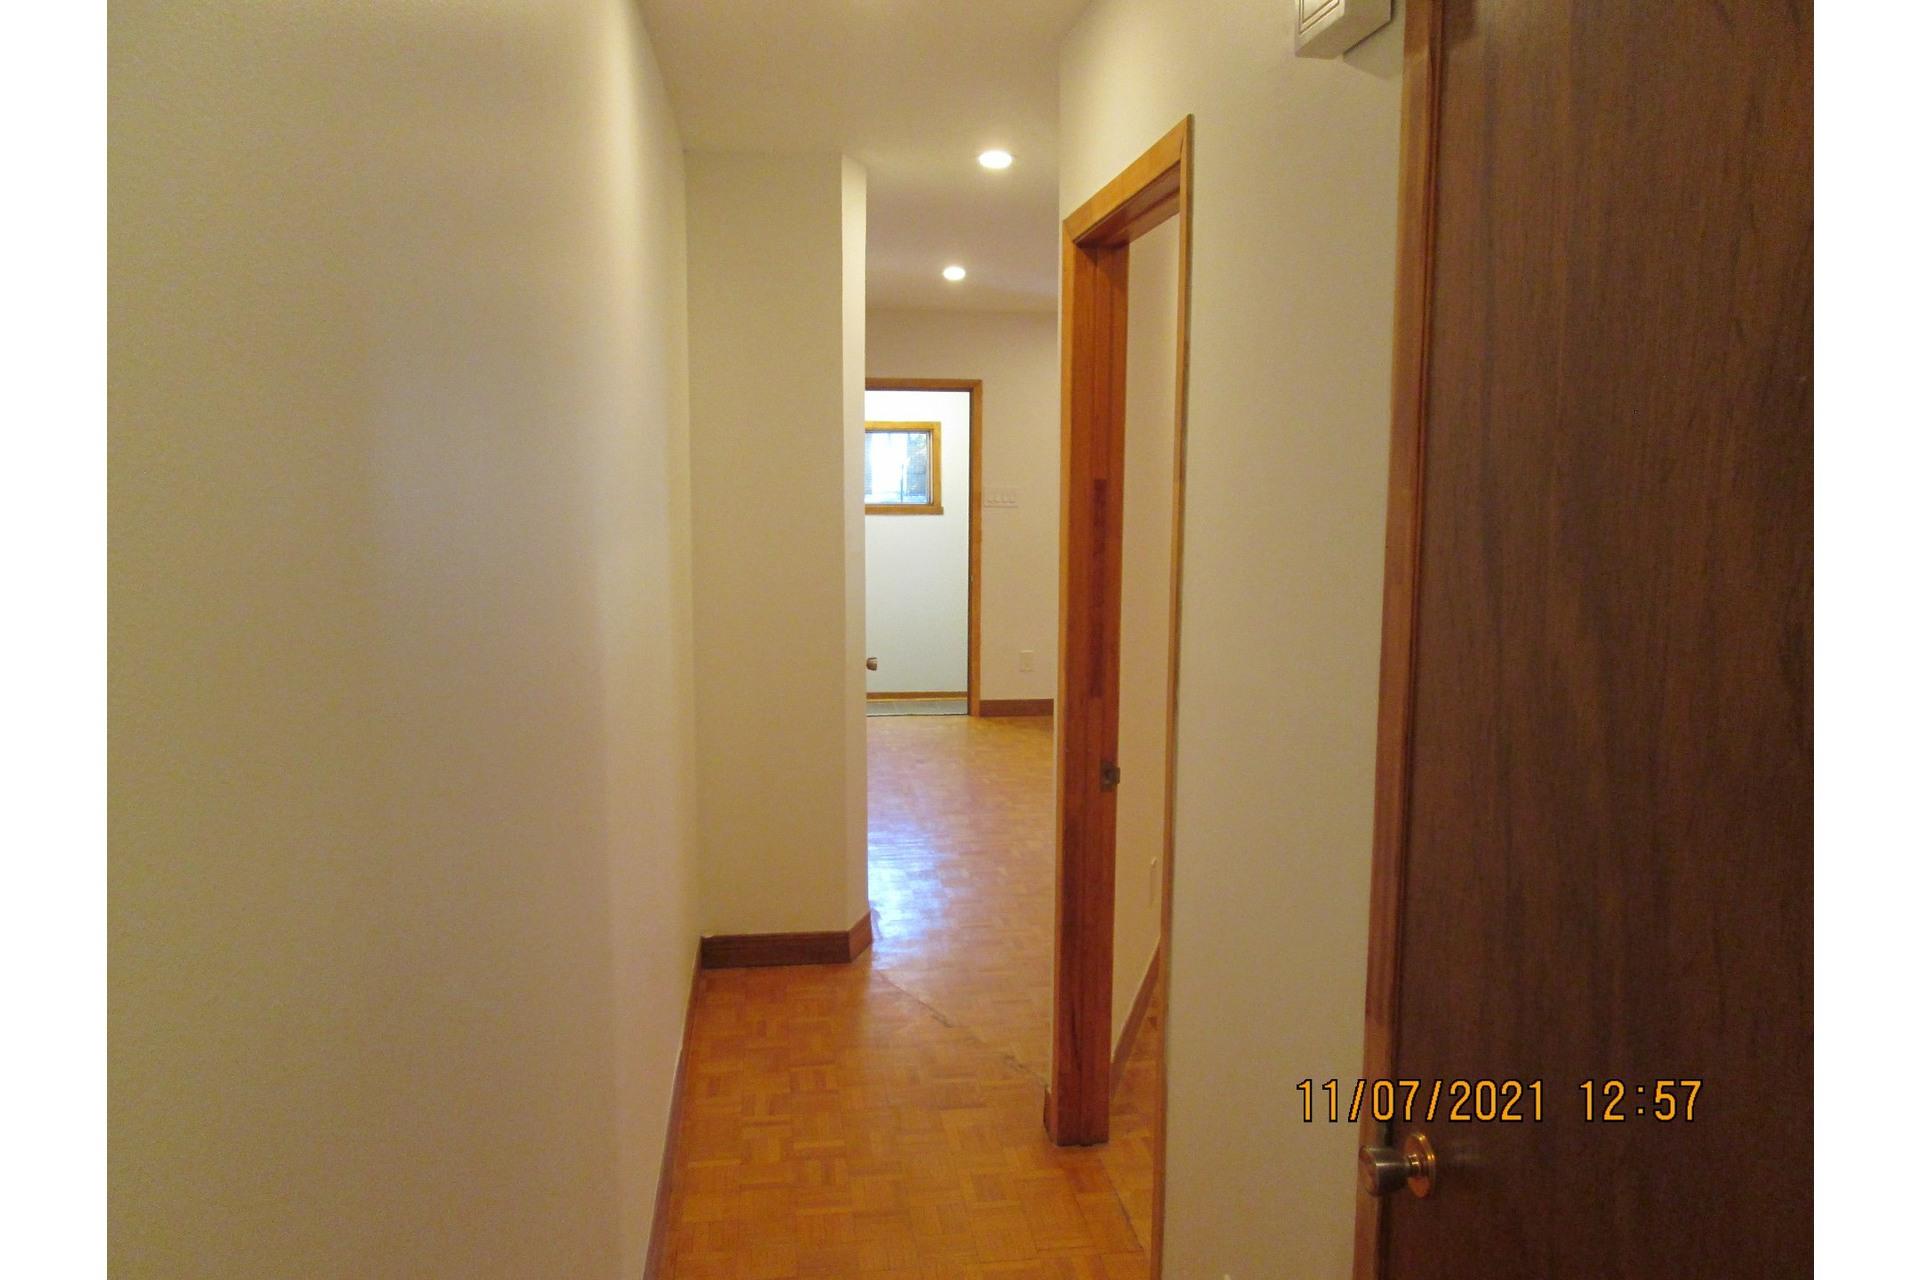 image 18 - Appartement À louer Verdun/Île-des-Soeurs Montréal  - 4 pièces